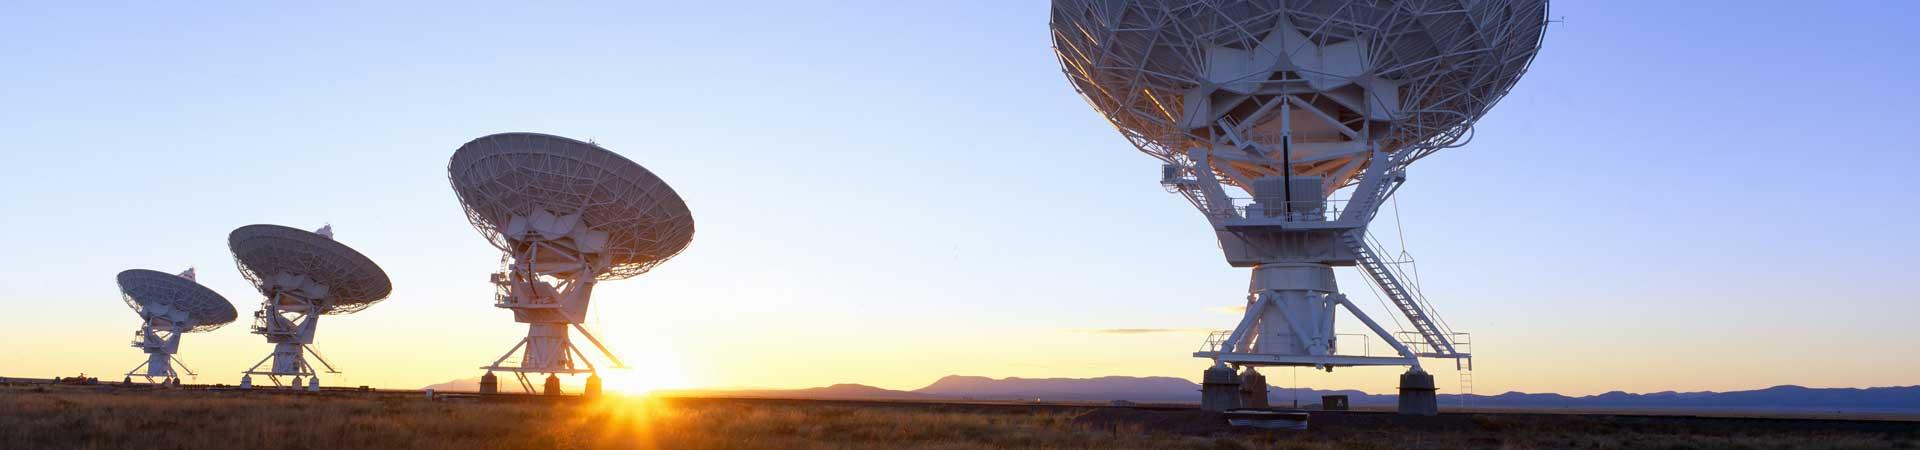 Радио и телекоммуникации